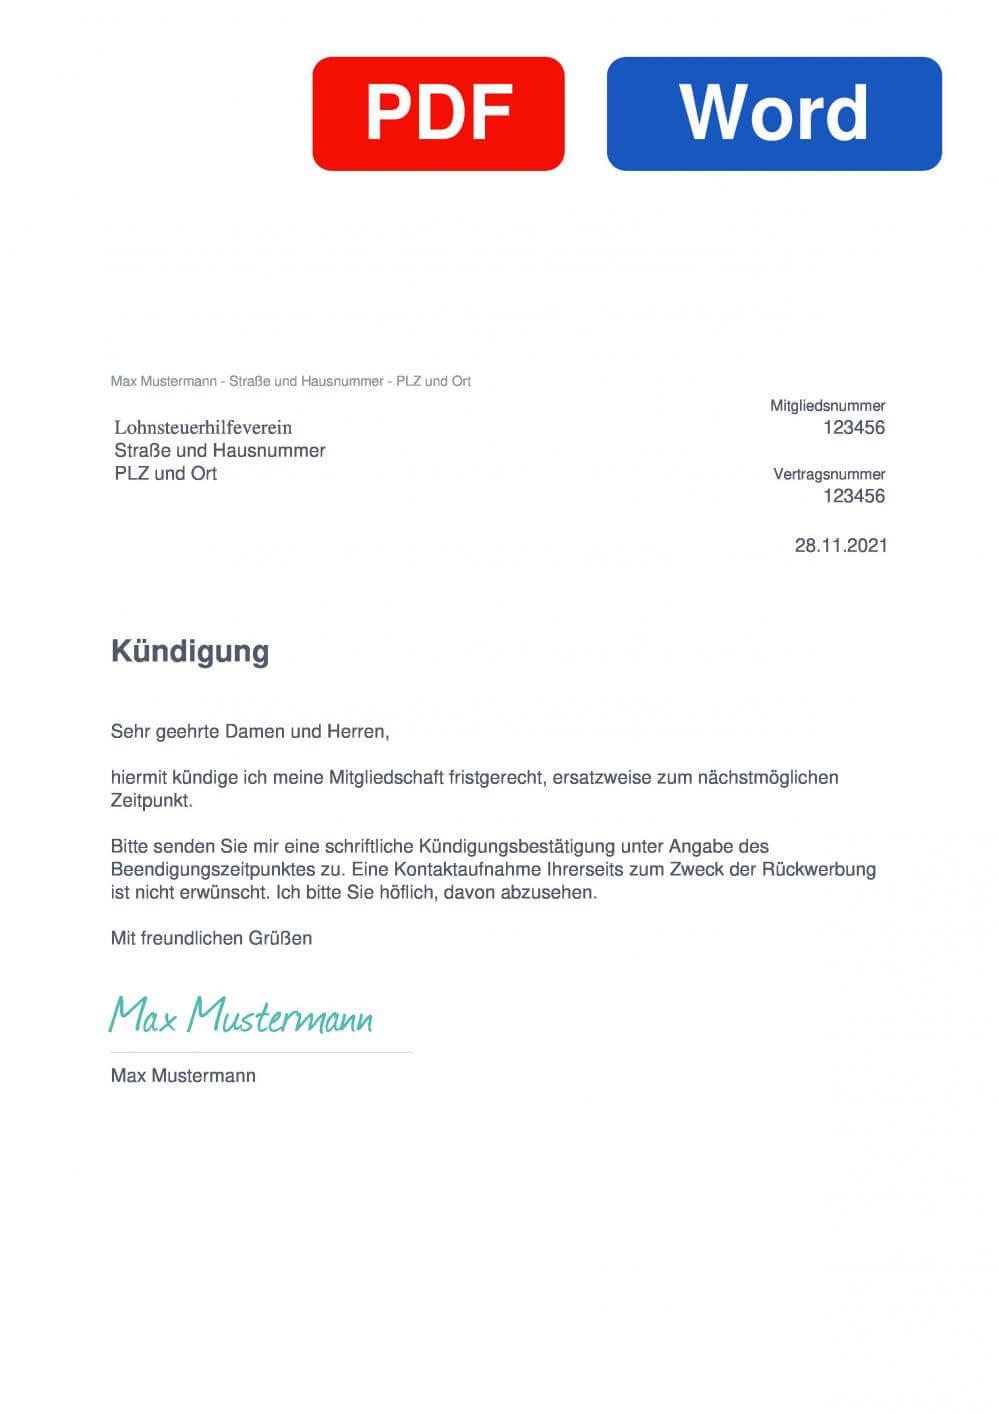 Lohnsteuerhilfeverein Muster Vorlage für Kündigungsschreiben